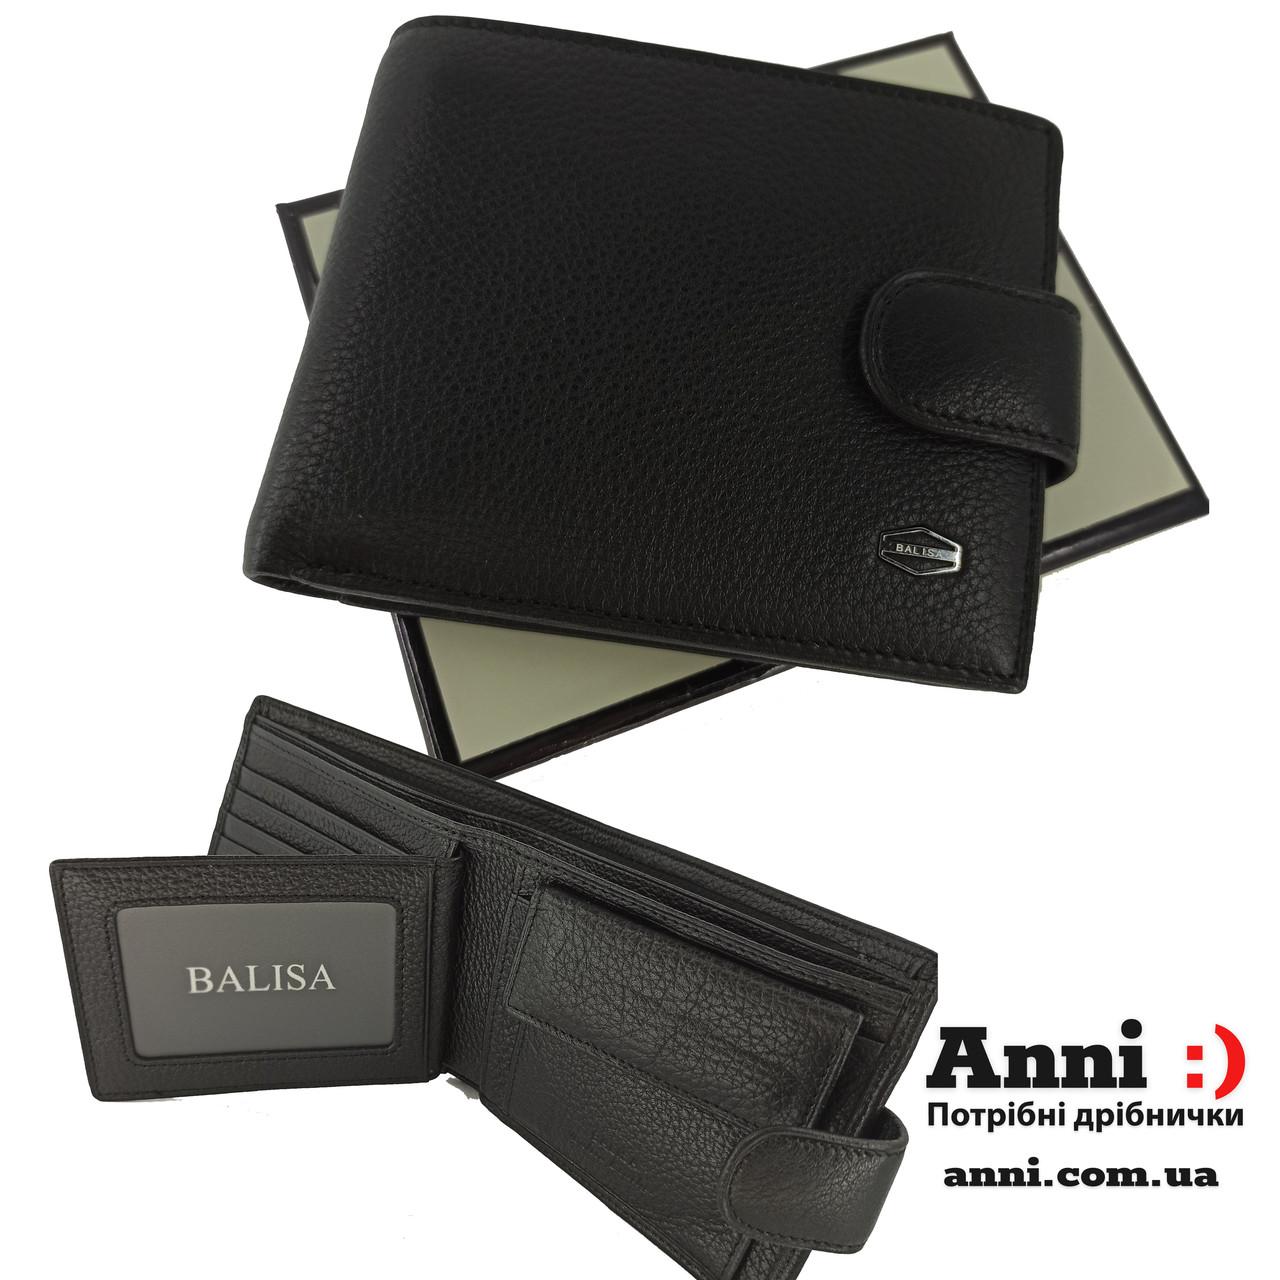 Кожаный мужской кошелек портмоне двойного сложения Balisa BA 2-25